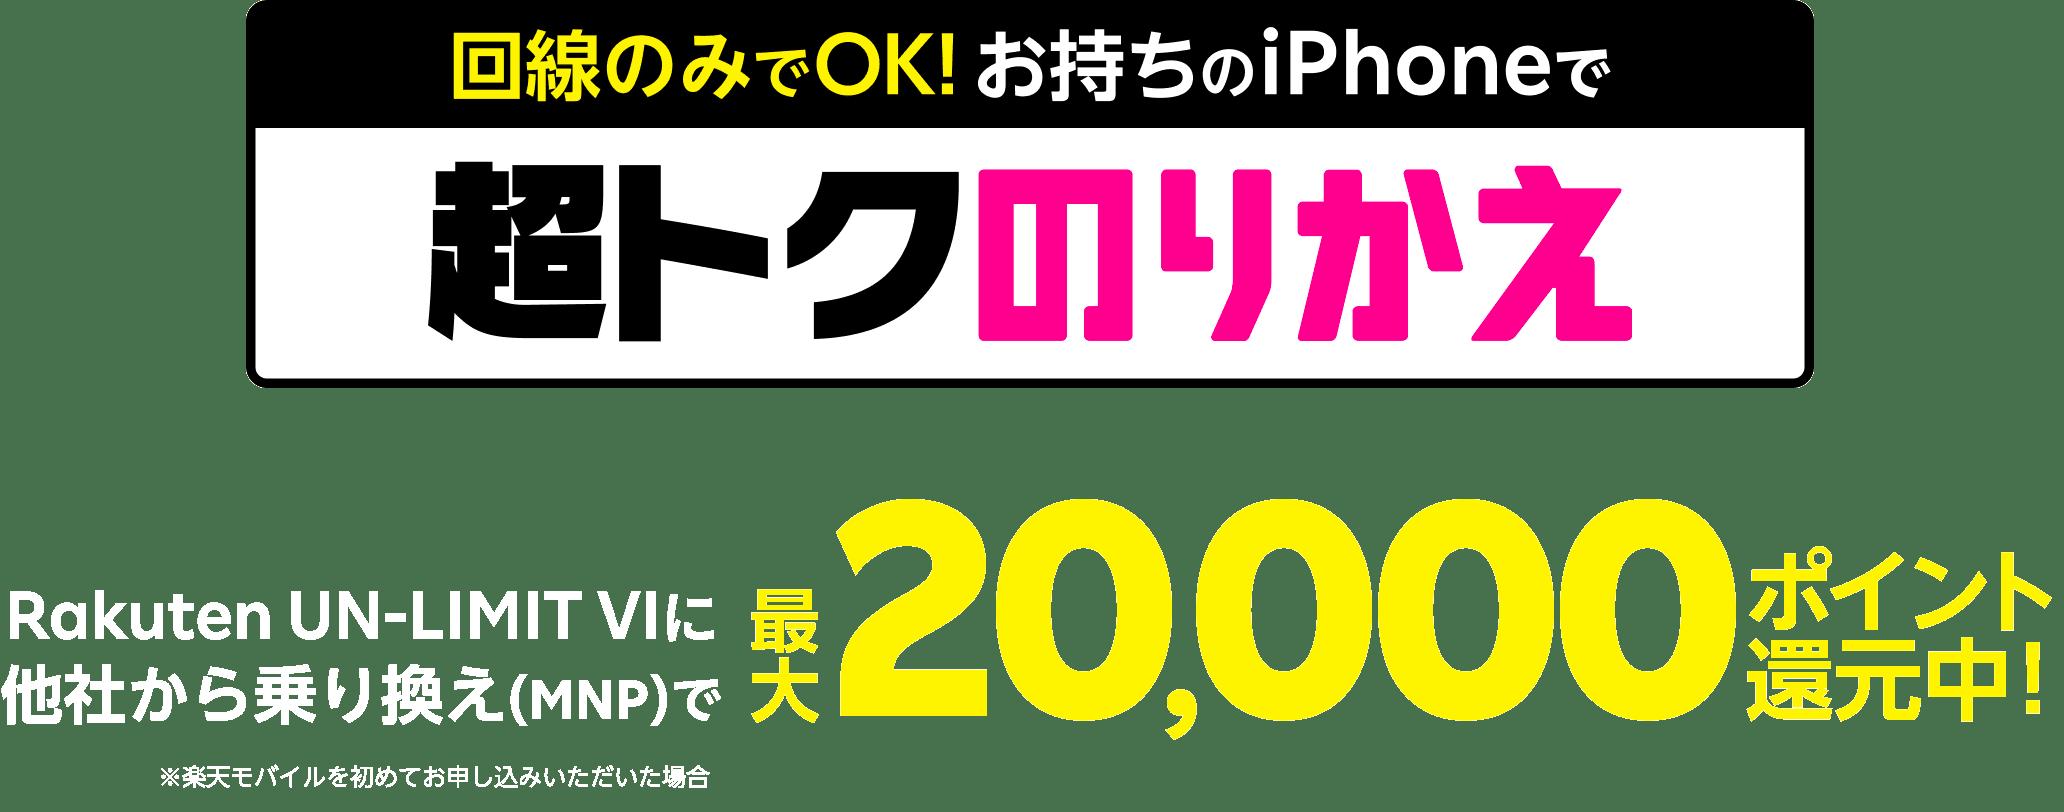 楽天モバイルのキャンペーン